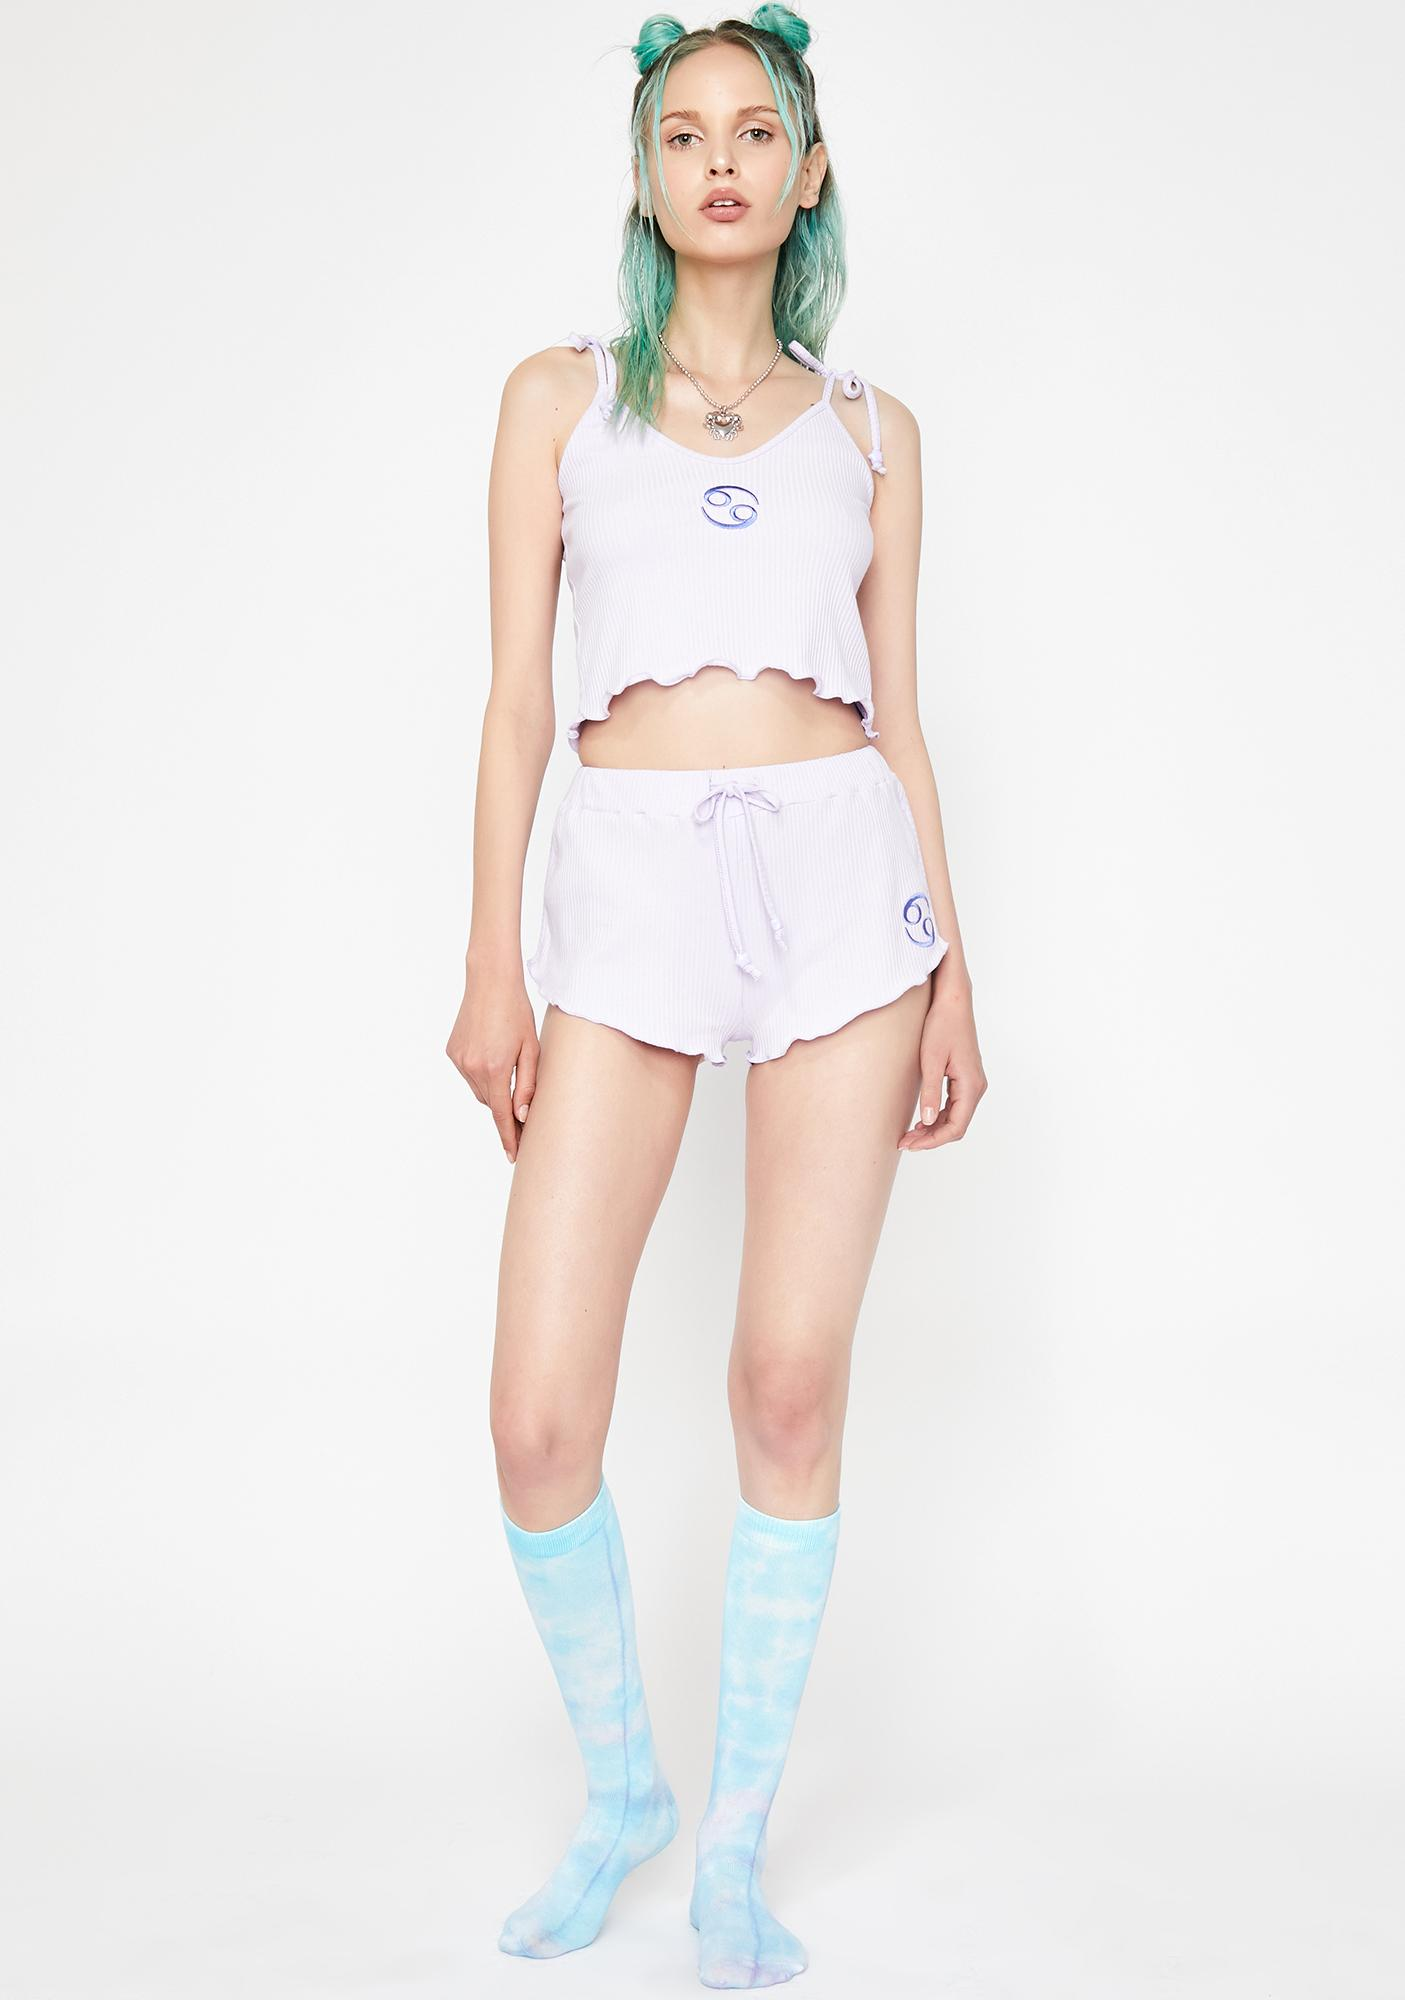 HOROSCOPEZ Loyal Lova Pajama Shorts